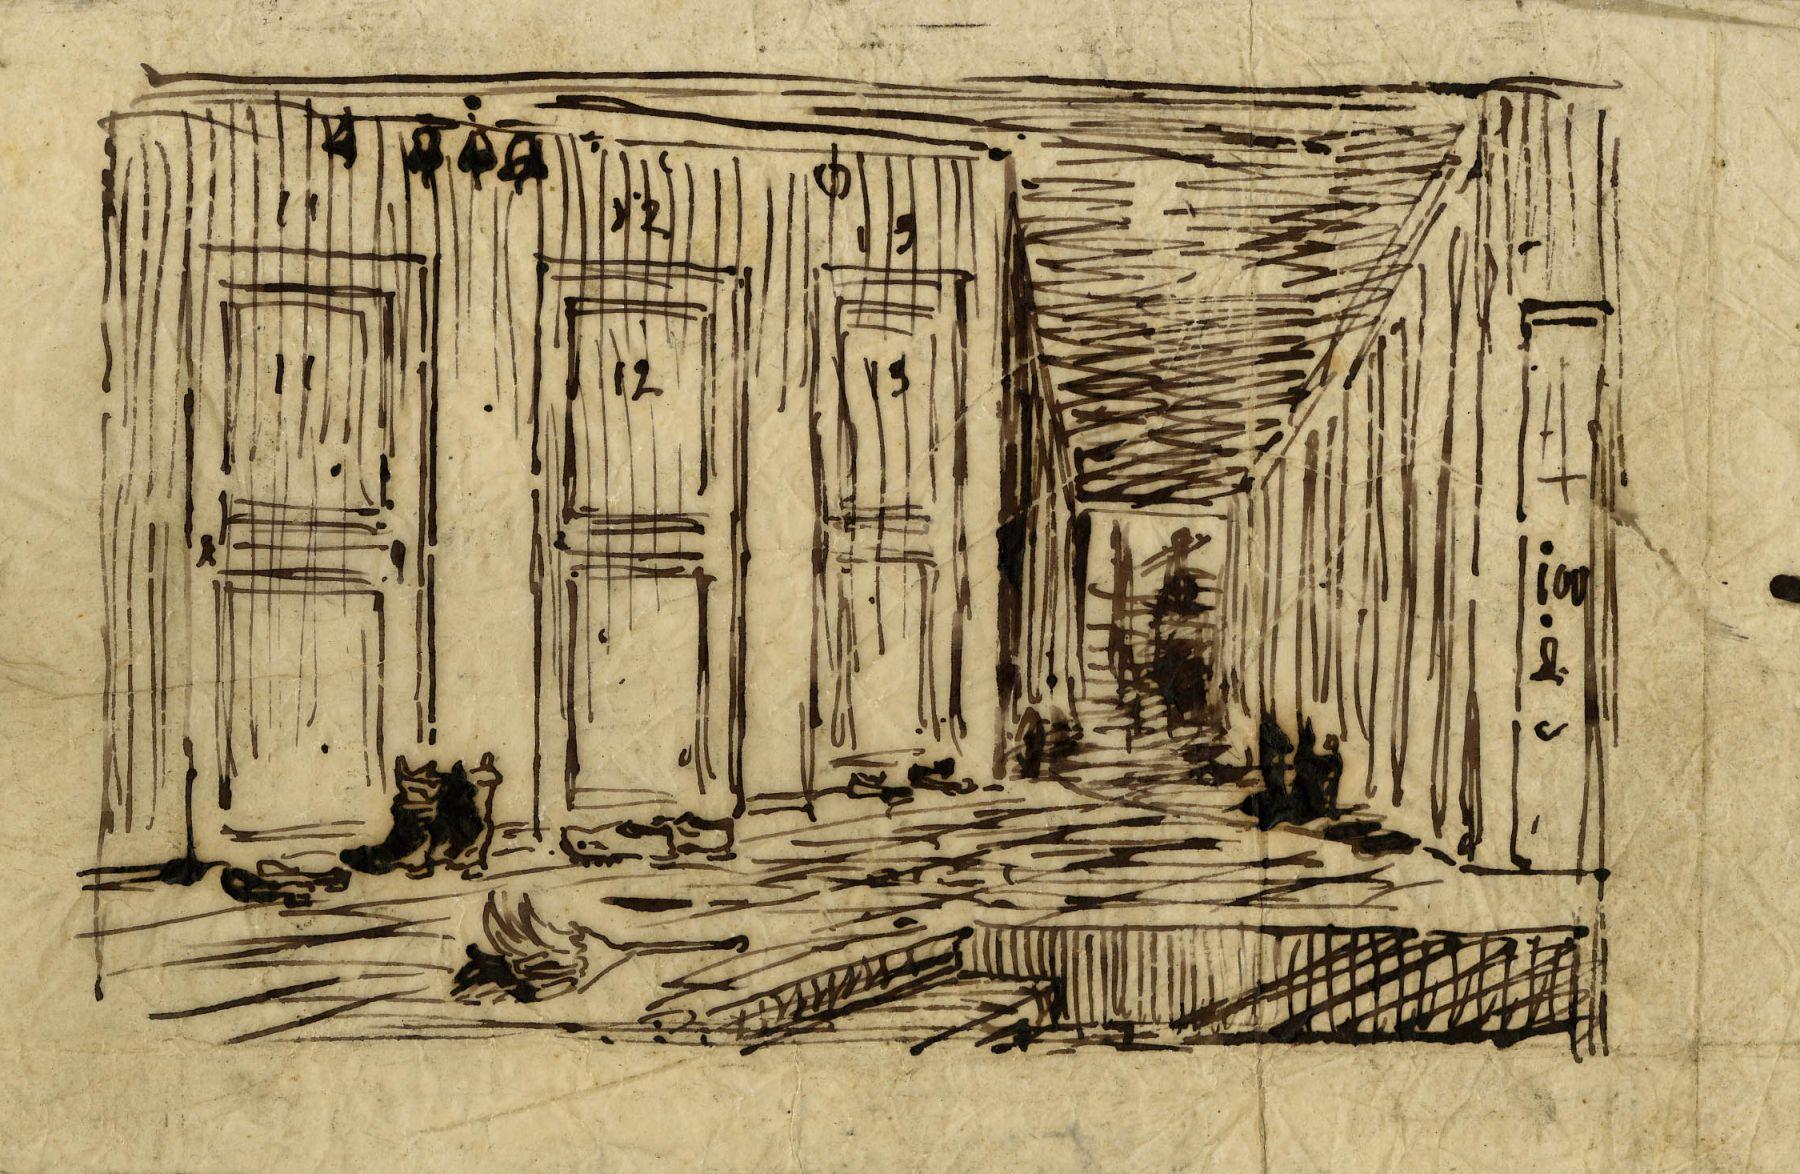 Charles F. Daubigny, Intérieur d'une auberge (Le corridor d'une auberge)    Pen and ink on papier calque 5 1/8 x 7 3/4 inches